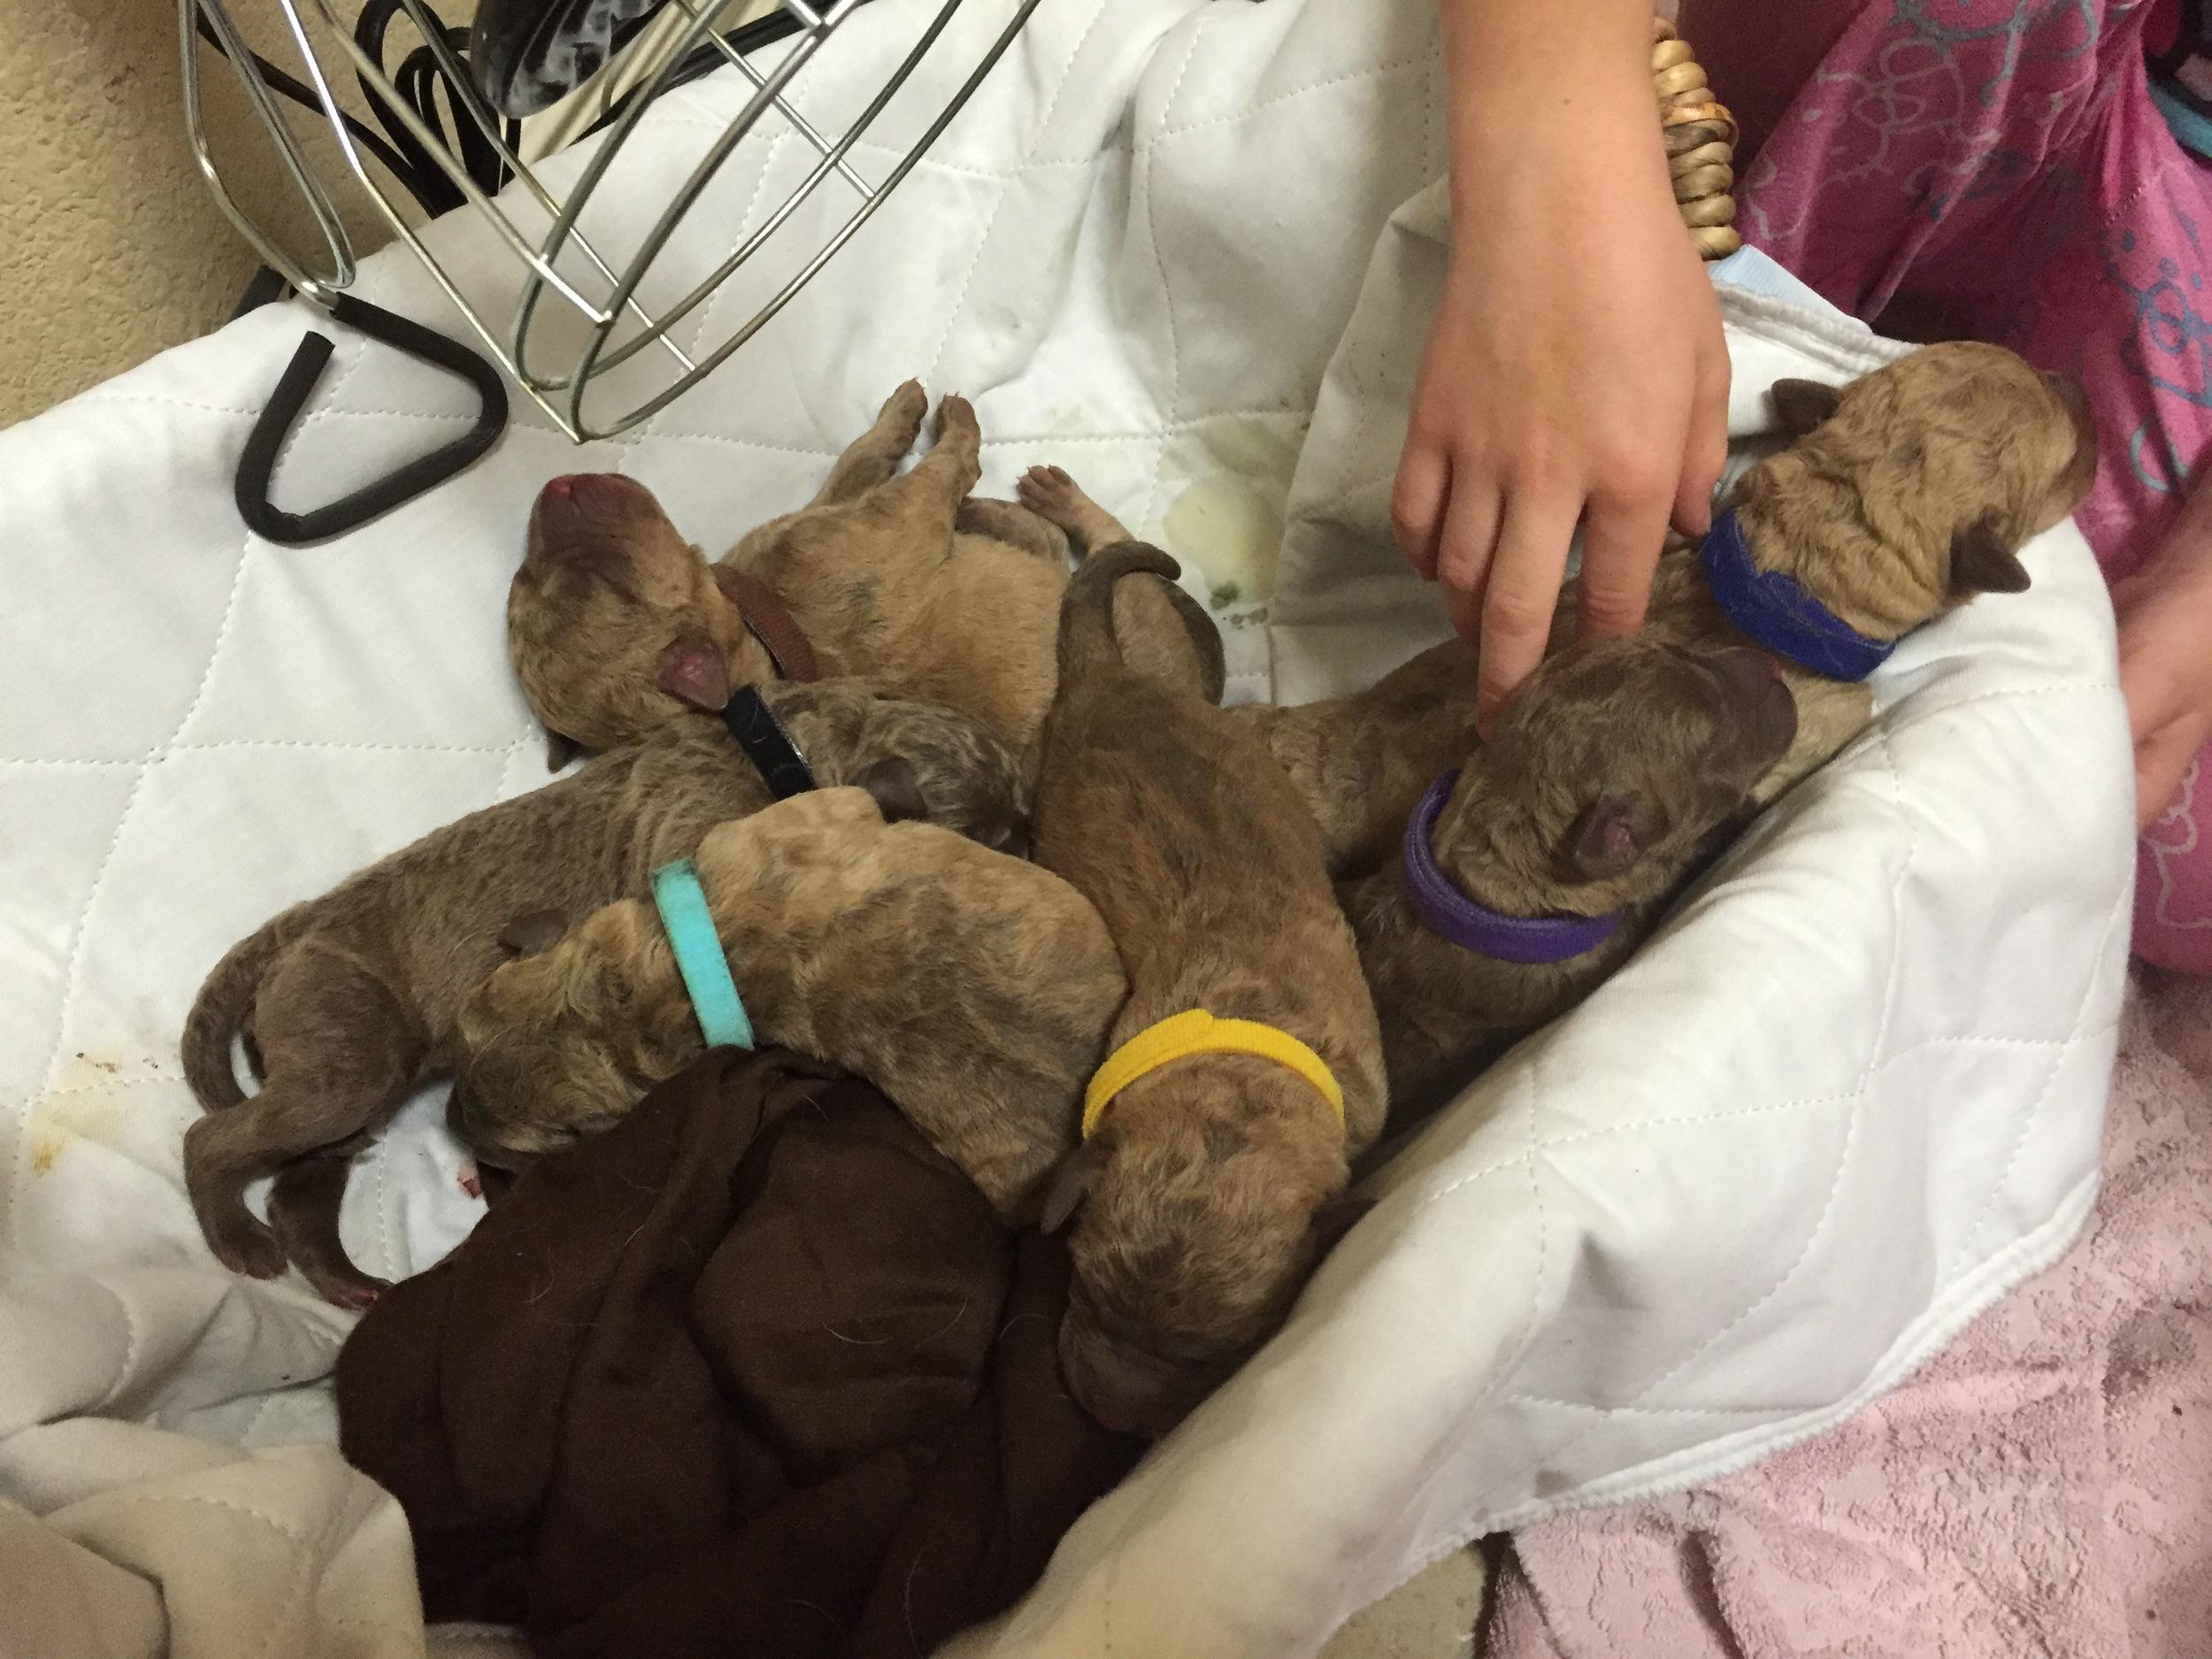 Six newborn Chesapeake Bay Retriever puppies